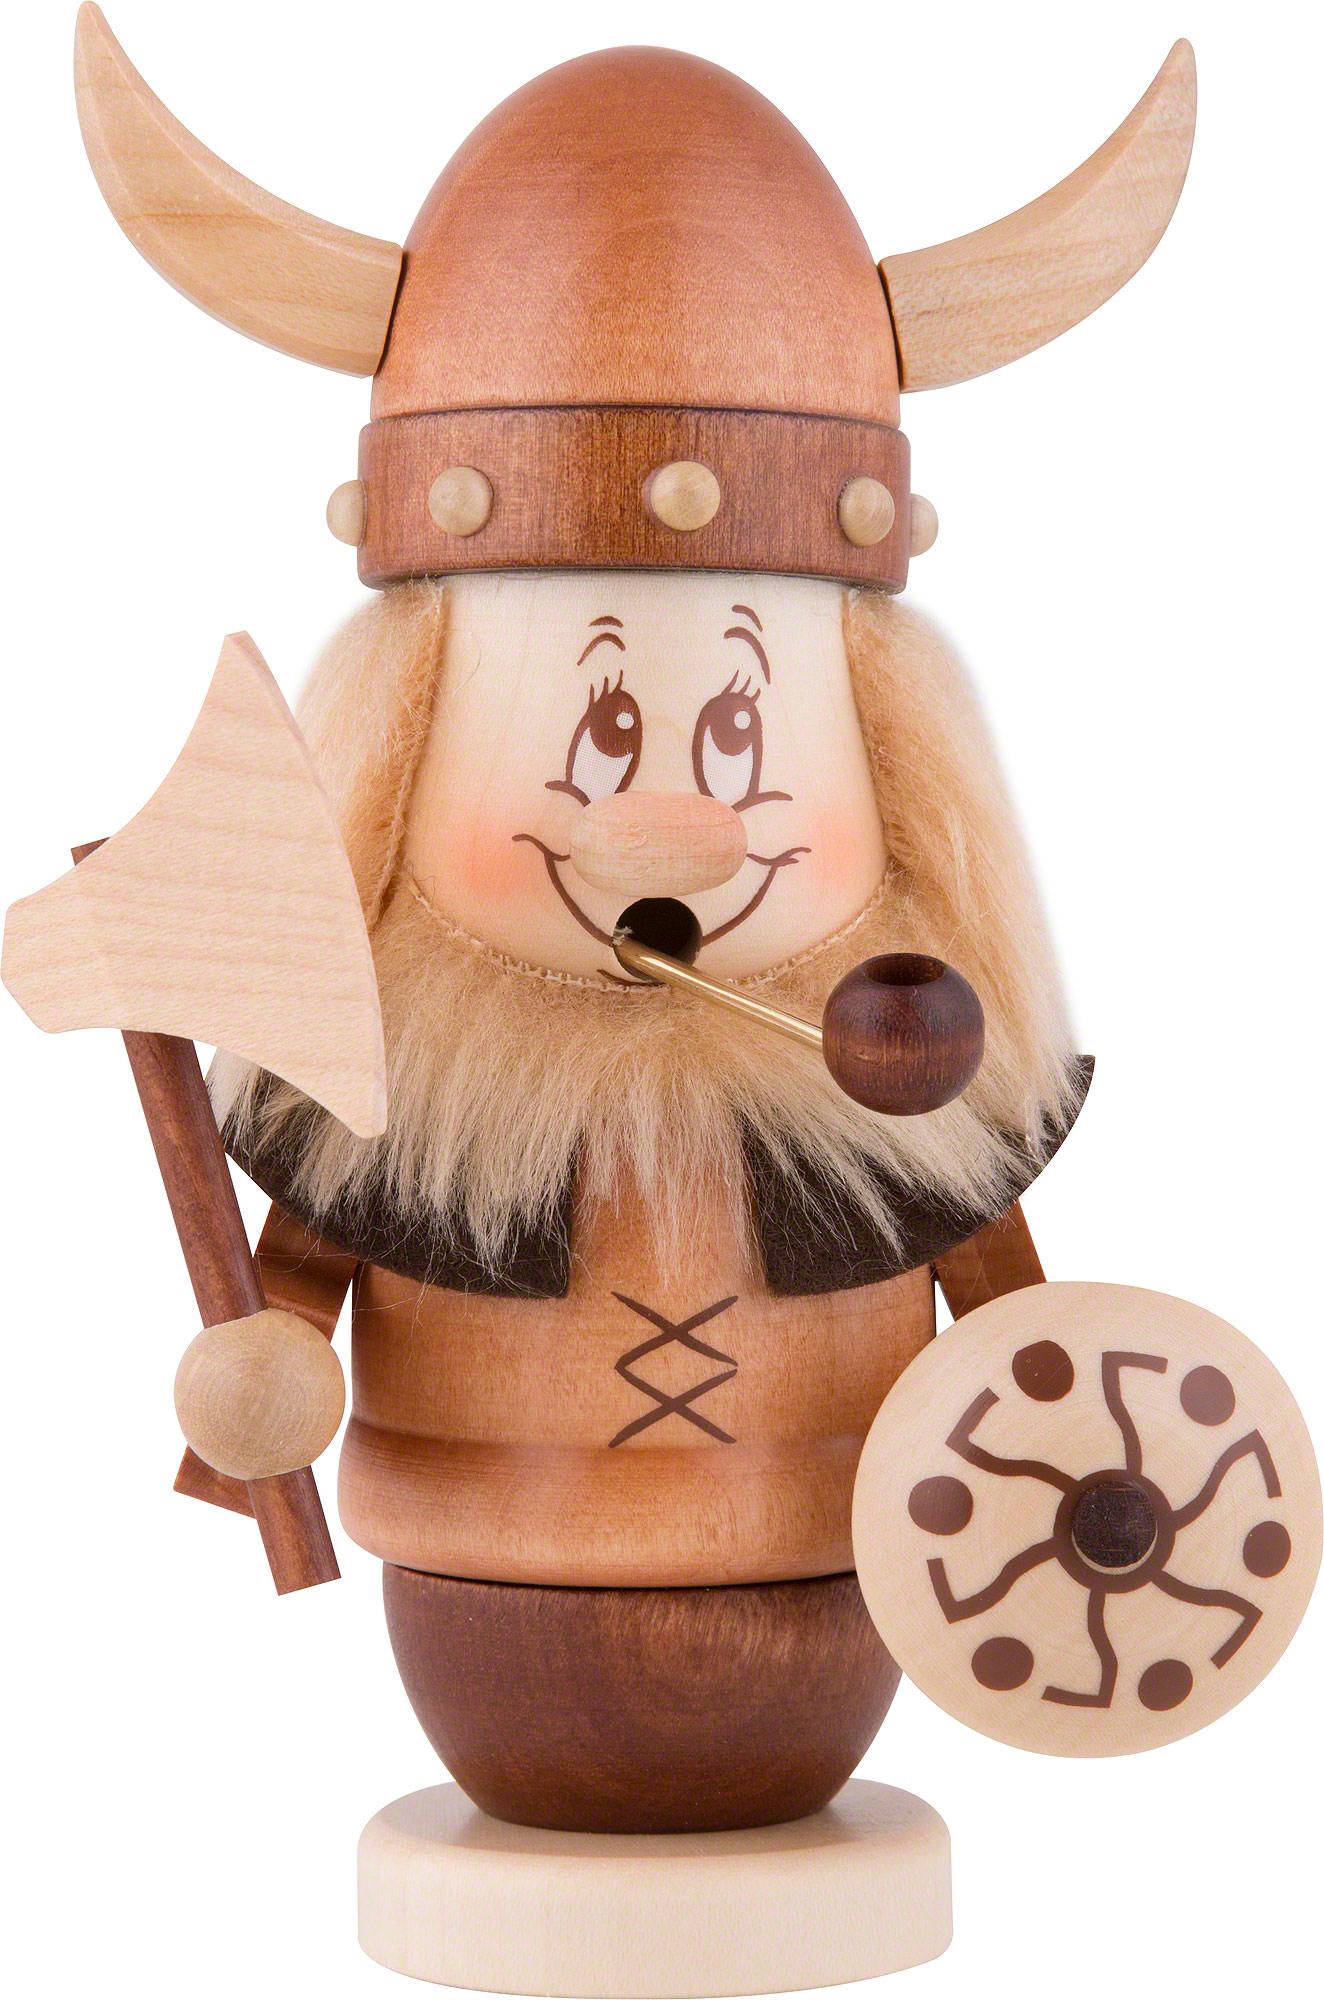 Smoker Gnome Viking Cmin By Christian Ulbricht - Viking smoker